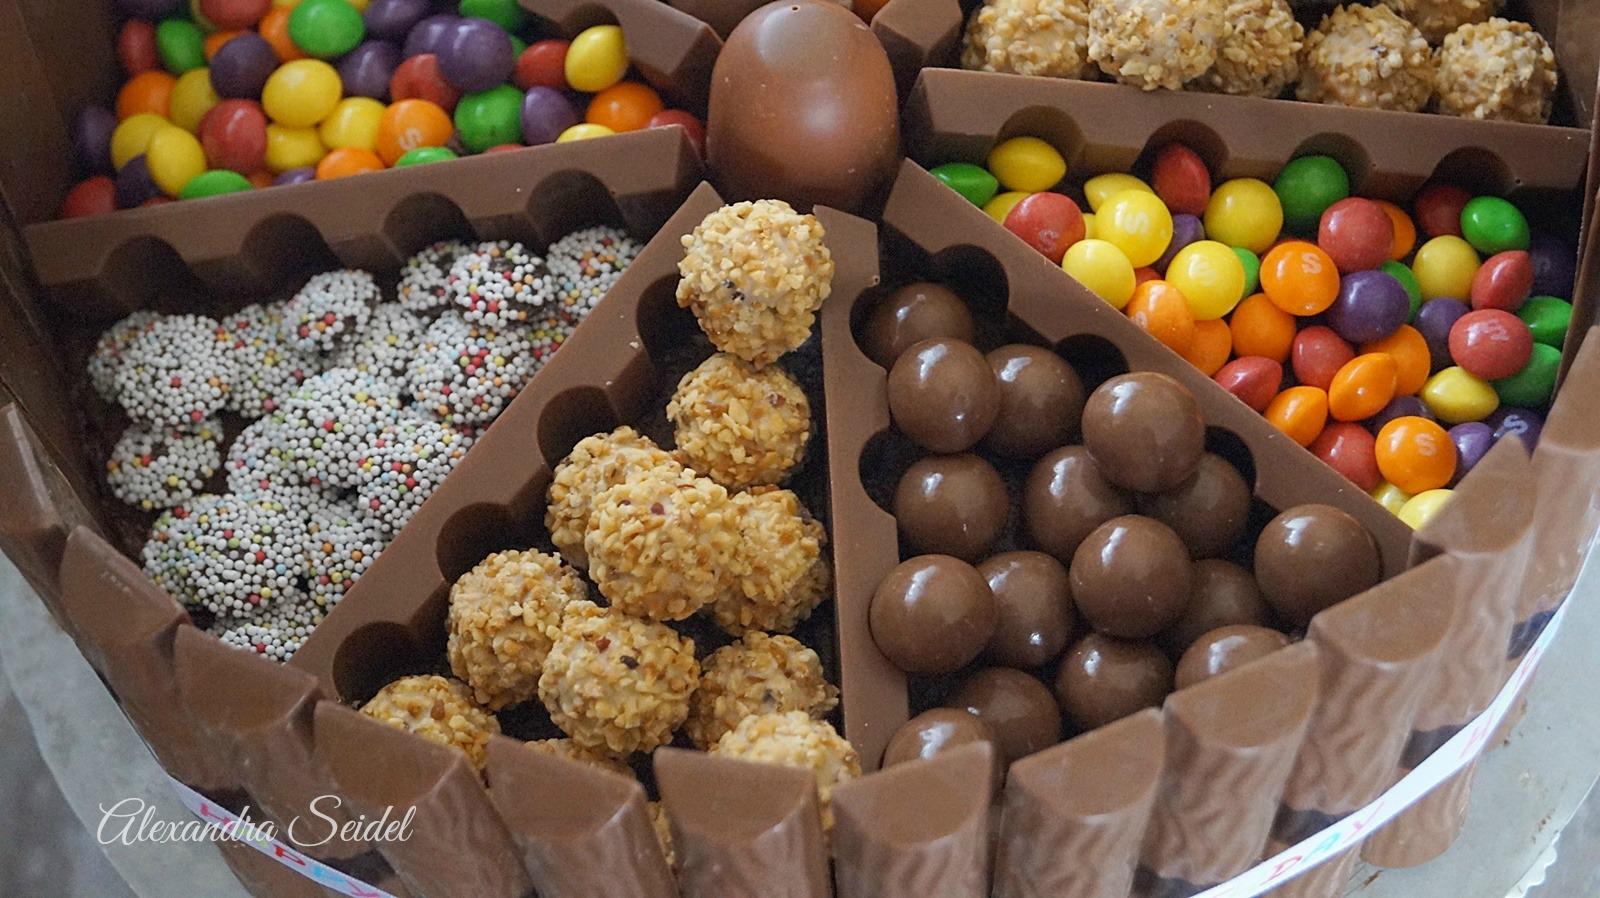 Candy Cake Sussigkeiten Kuchen